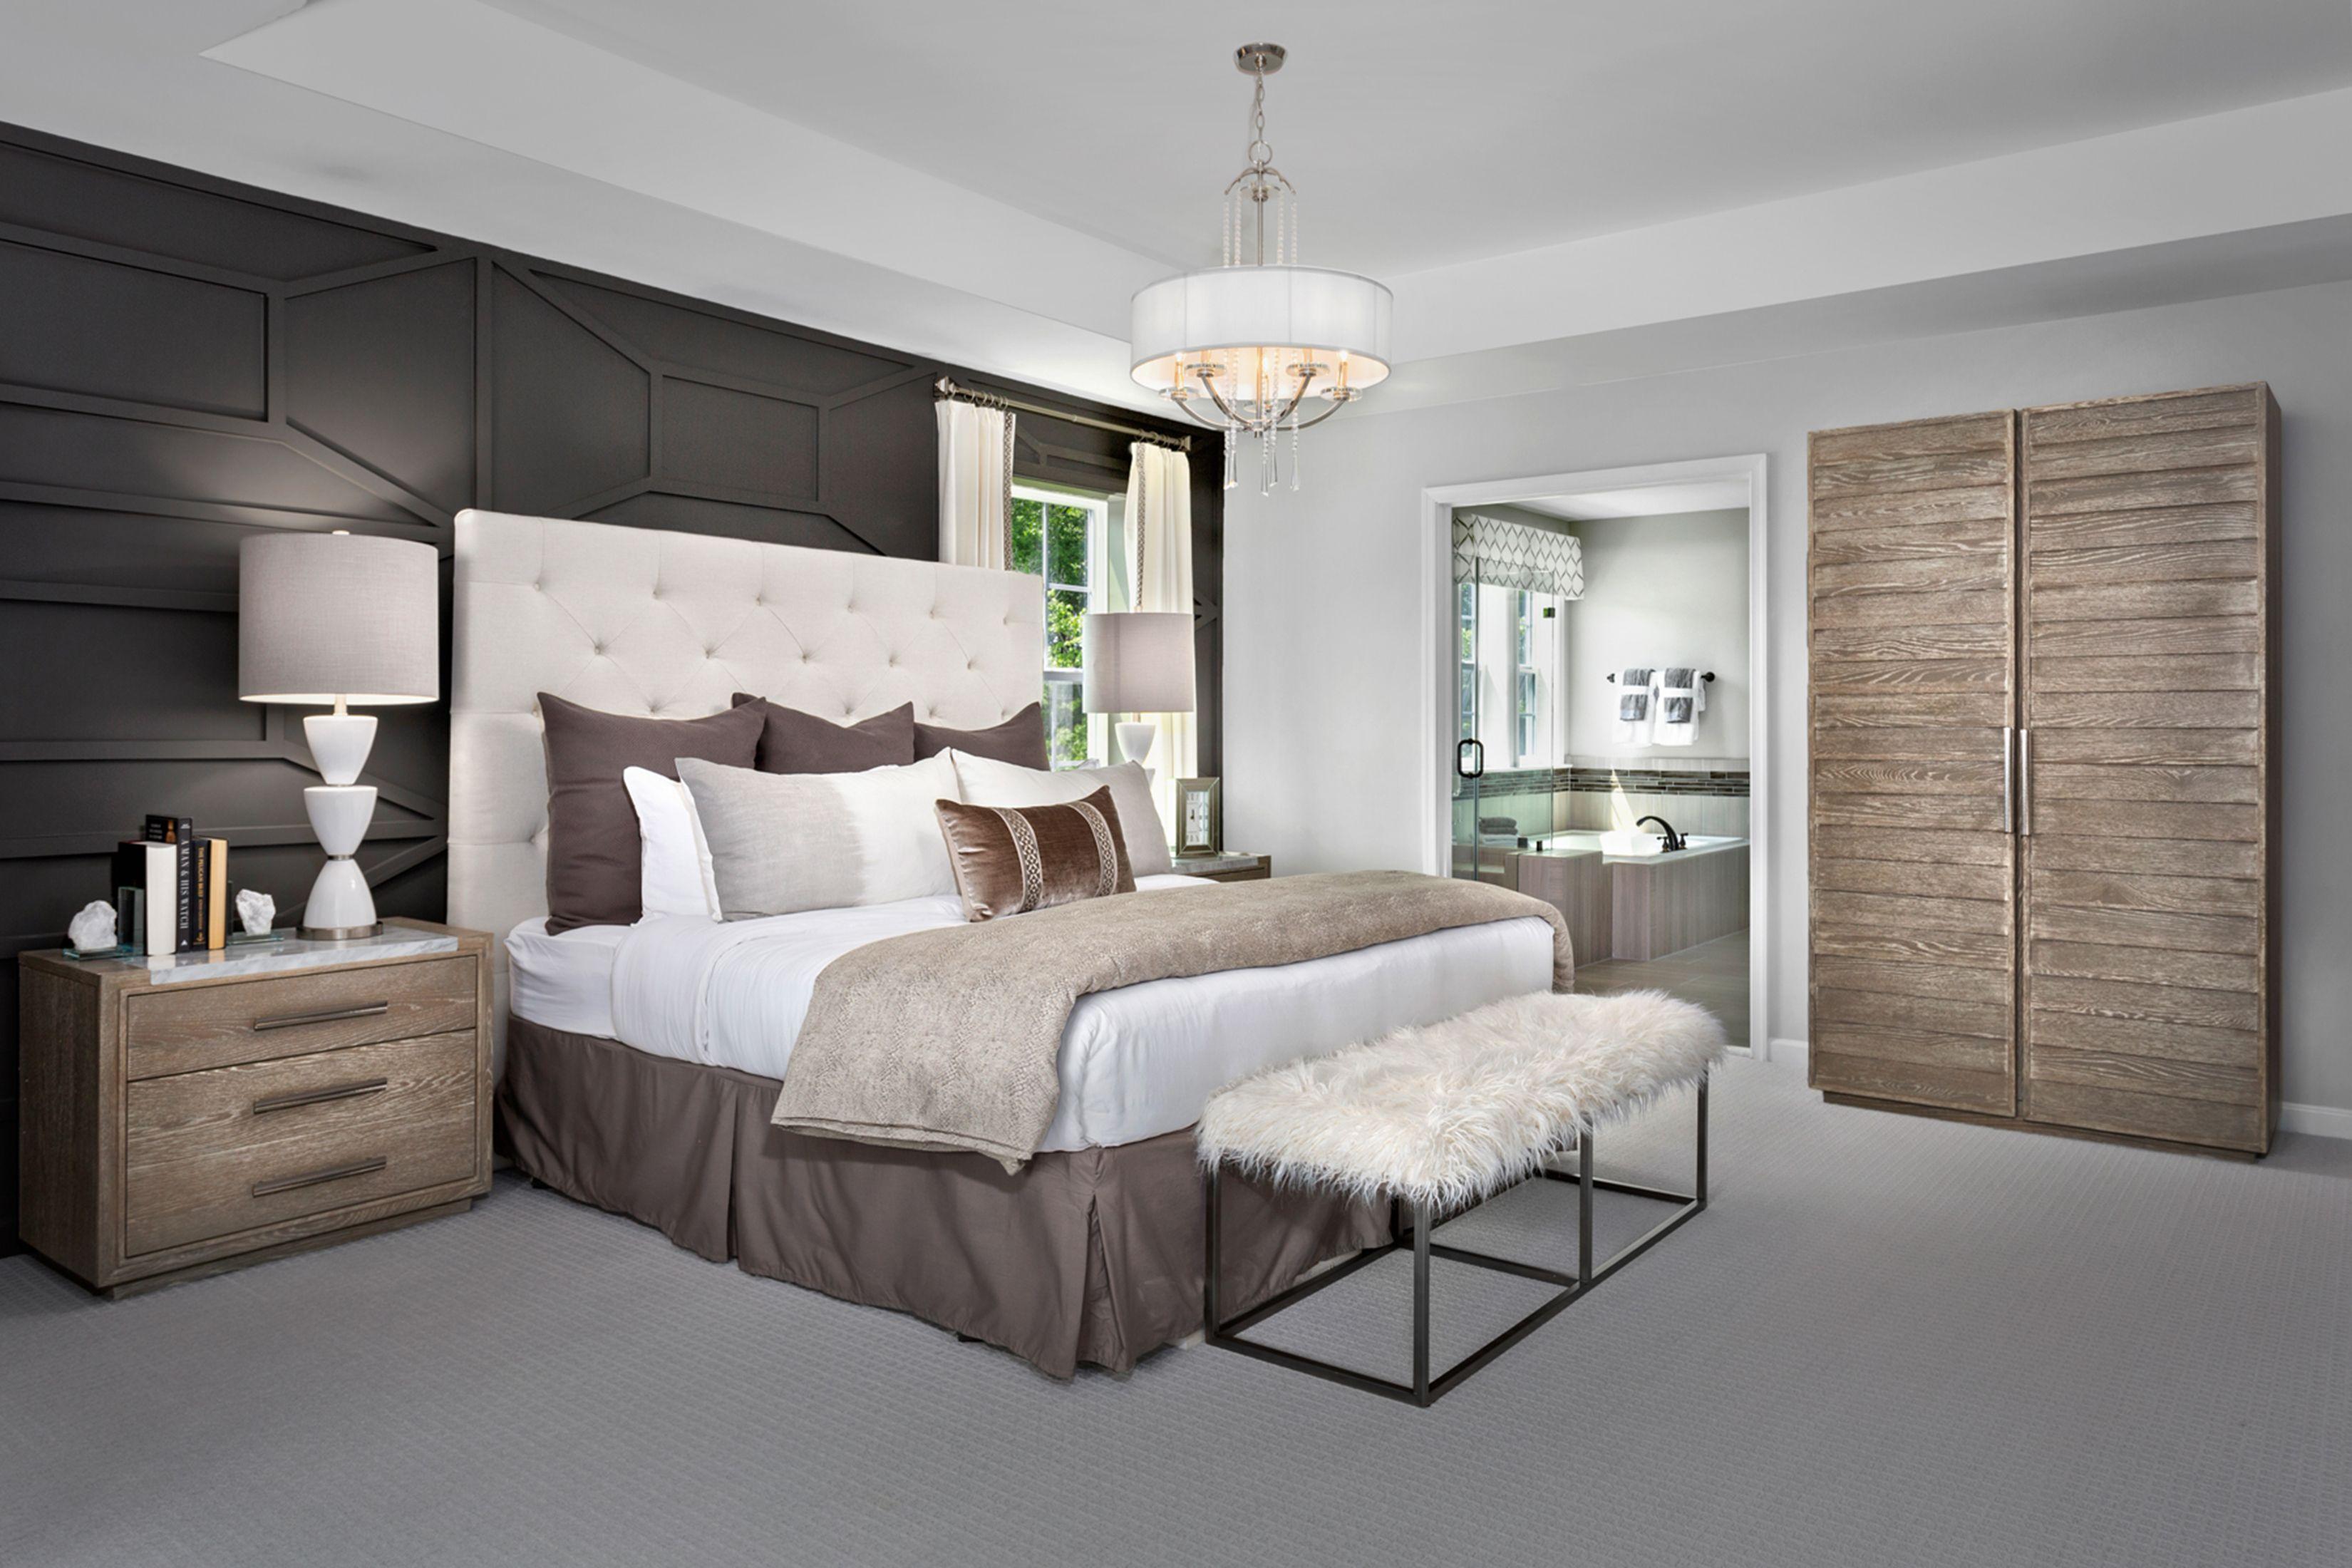 Bedroom featured in the Oakdale II By Dan Ryan Builders in Hagerstown, MD